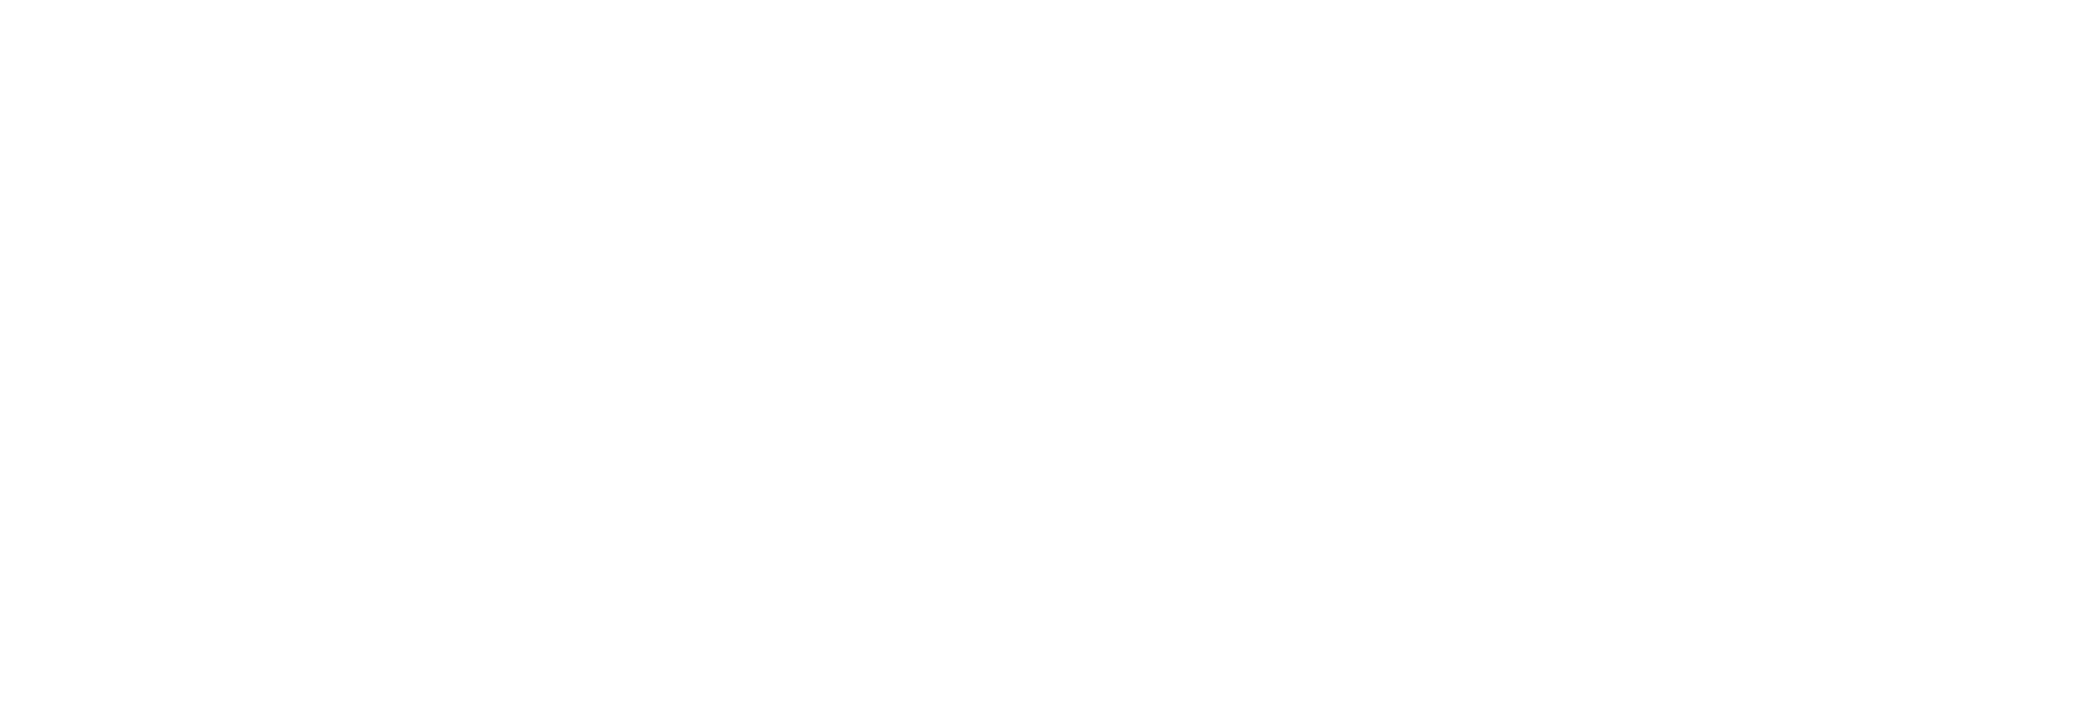 Brasilia Segurança S/A Logo